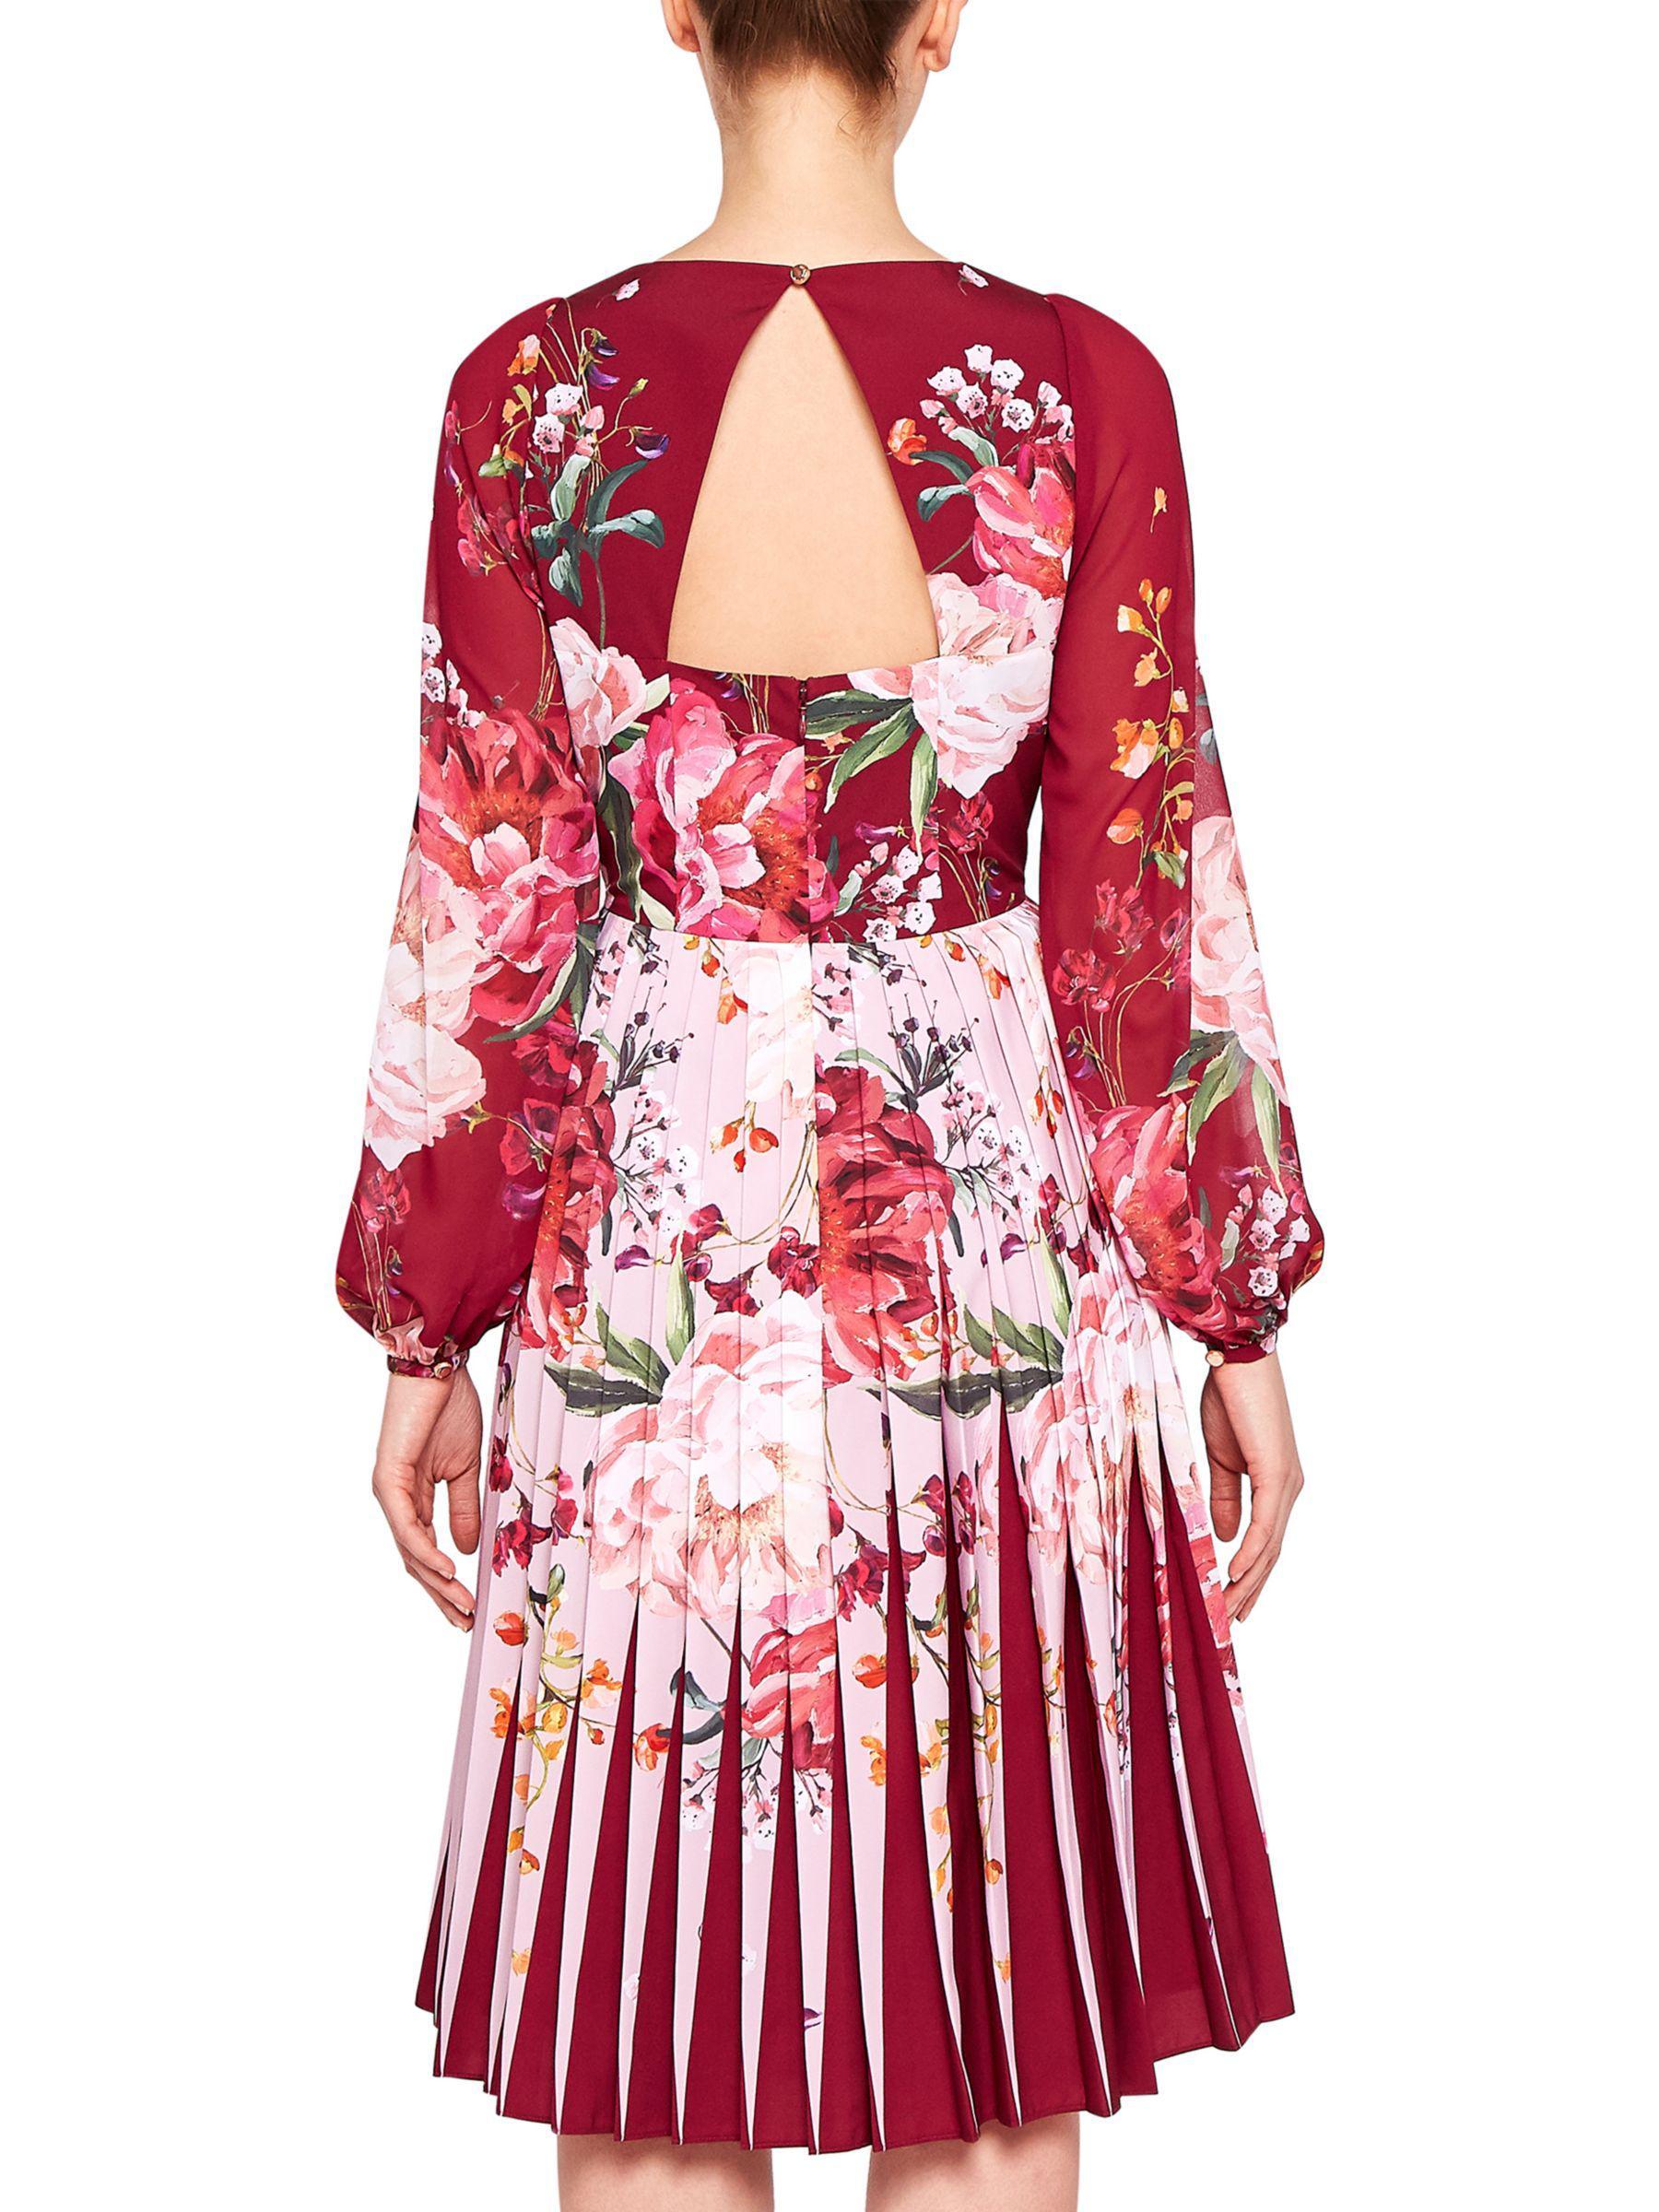 f01c7748f8eeb1 Ted Baker Esperan Serenity Contrast Pleat Dress in Red - Lyst